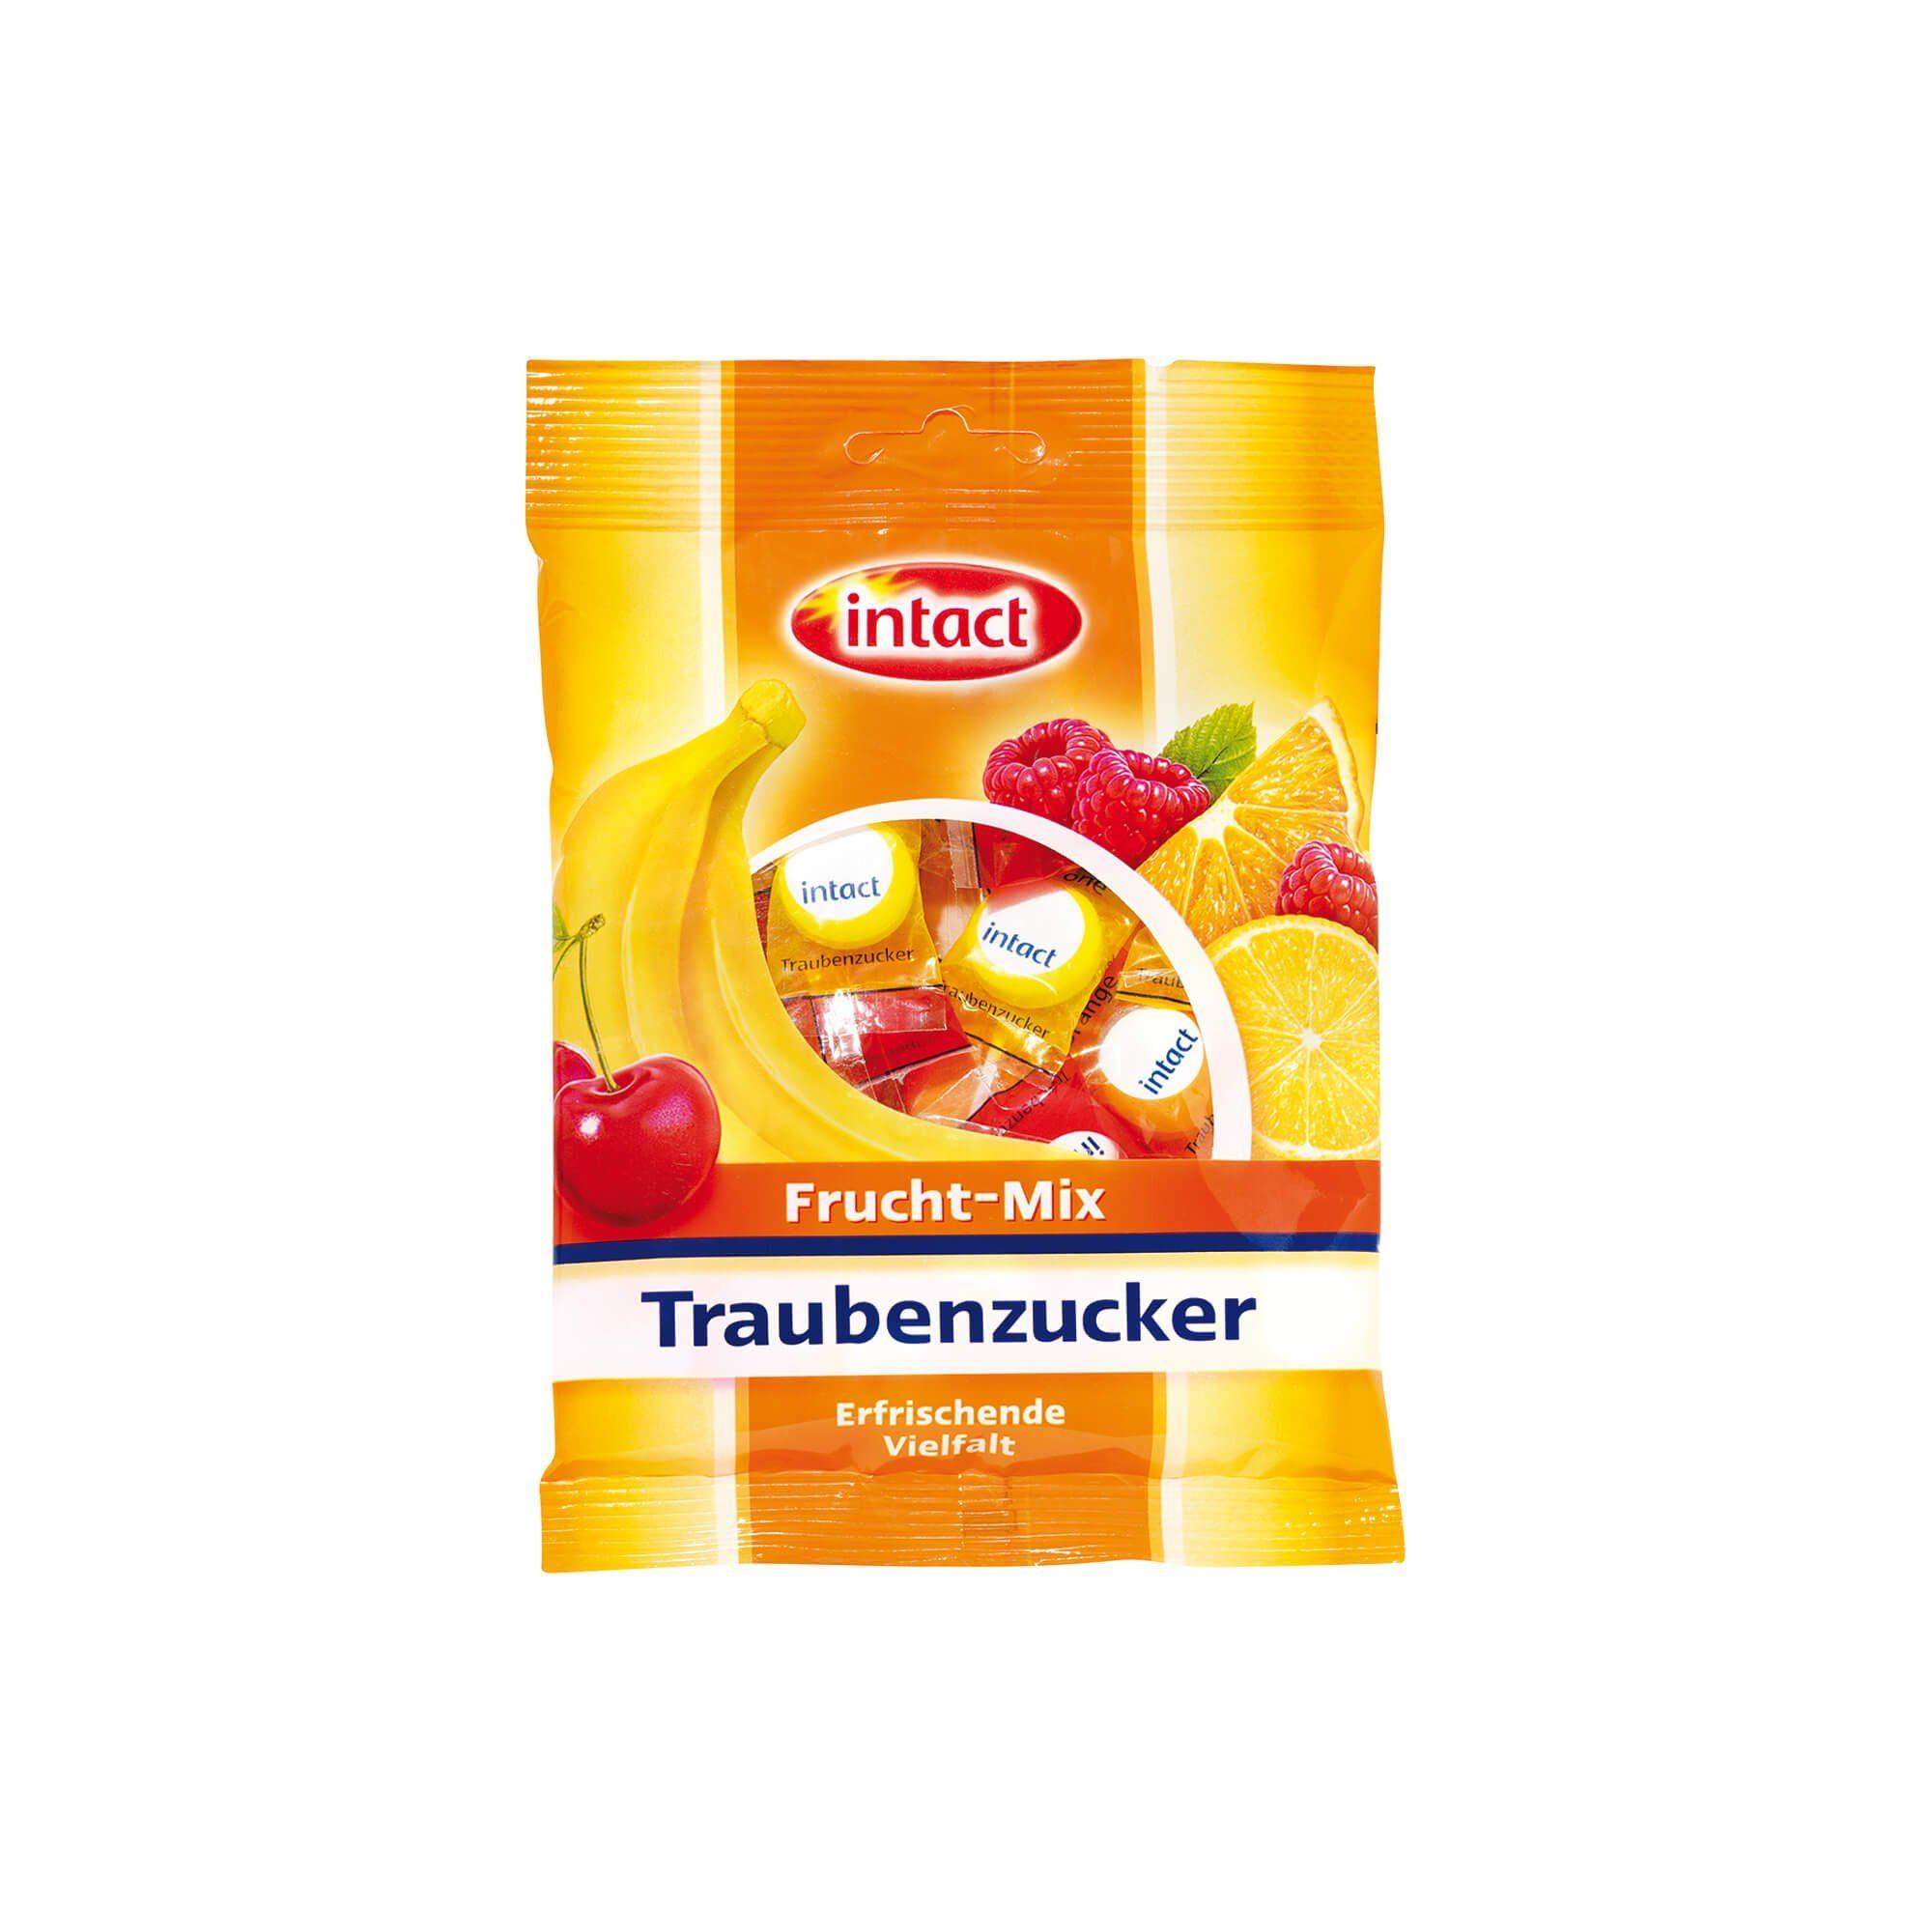 Intact Traubenzucker Frucht Mix, 75 g